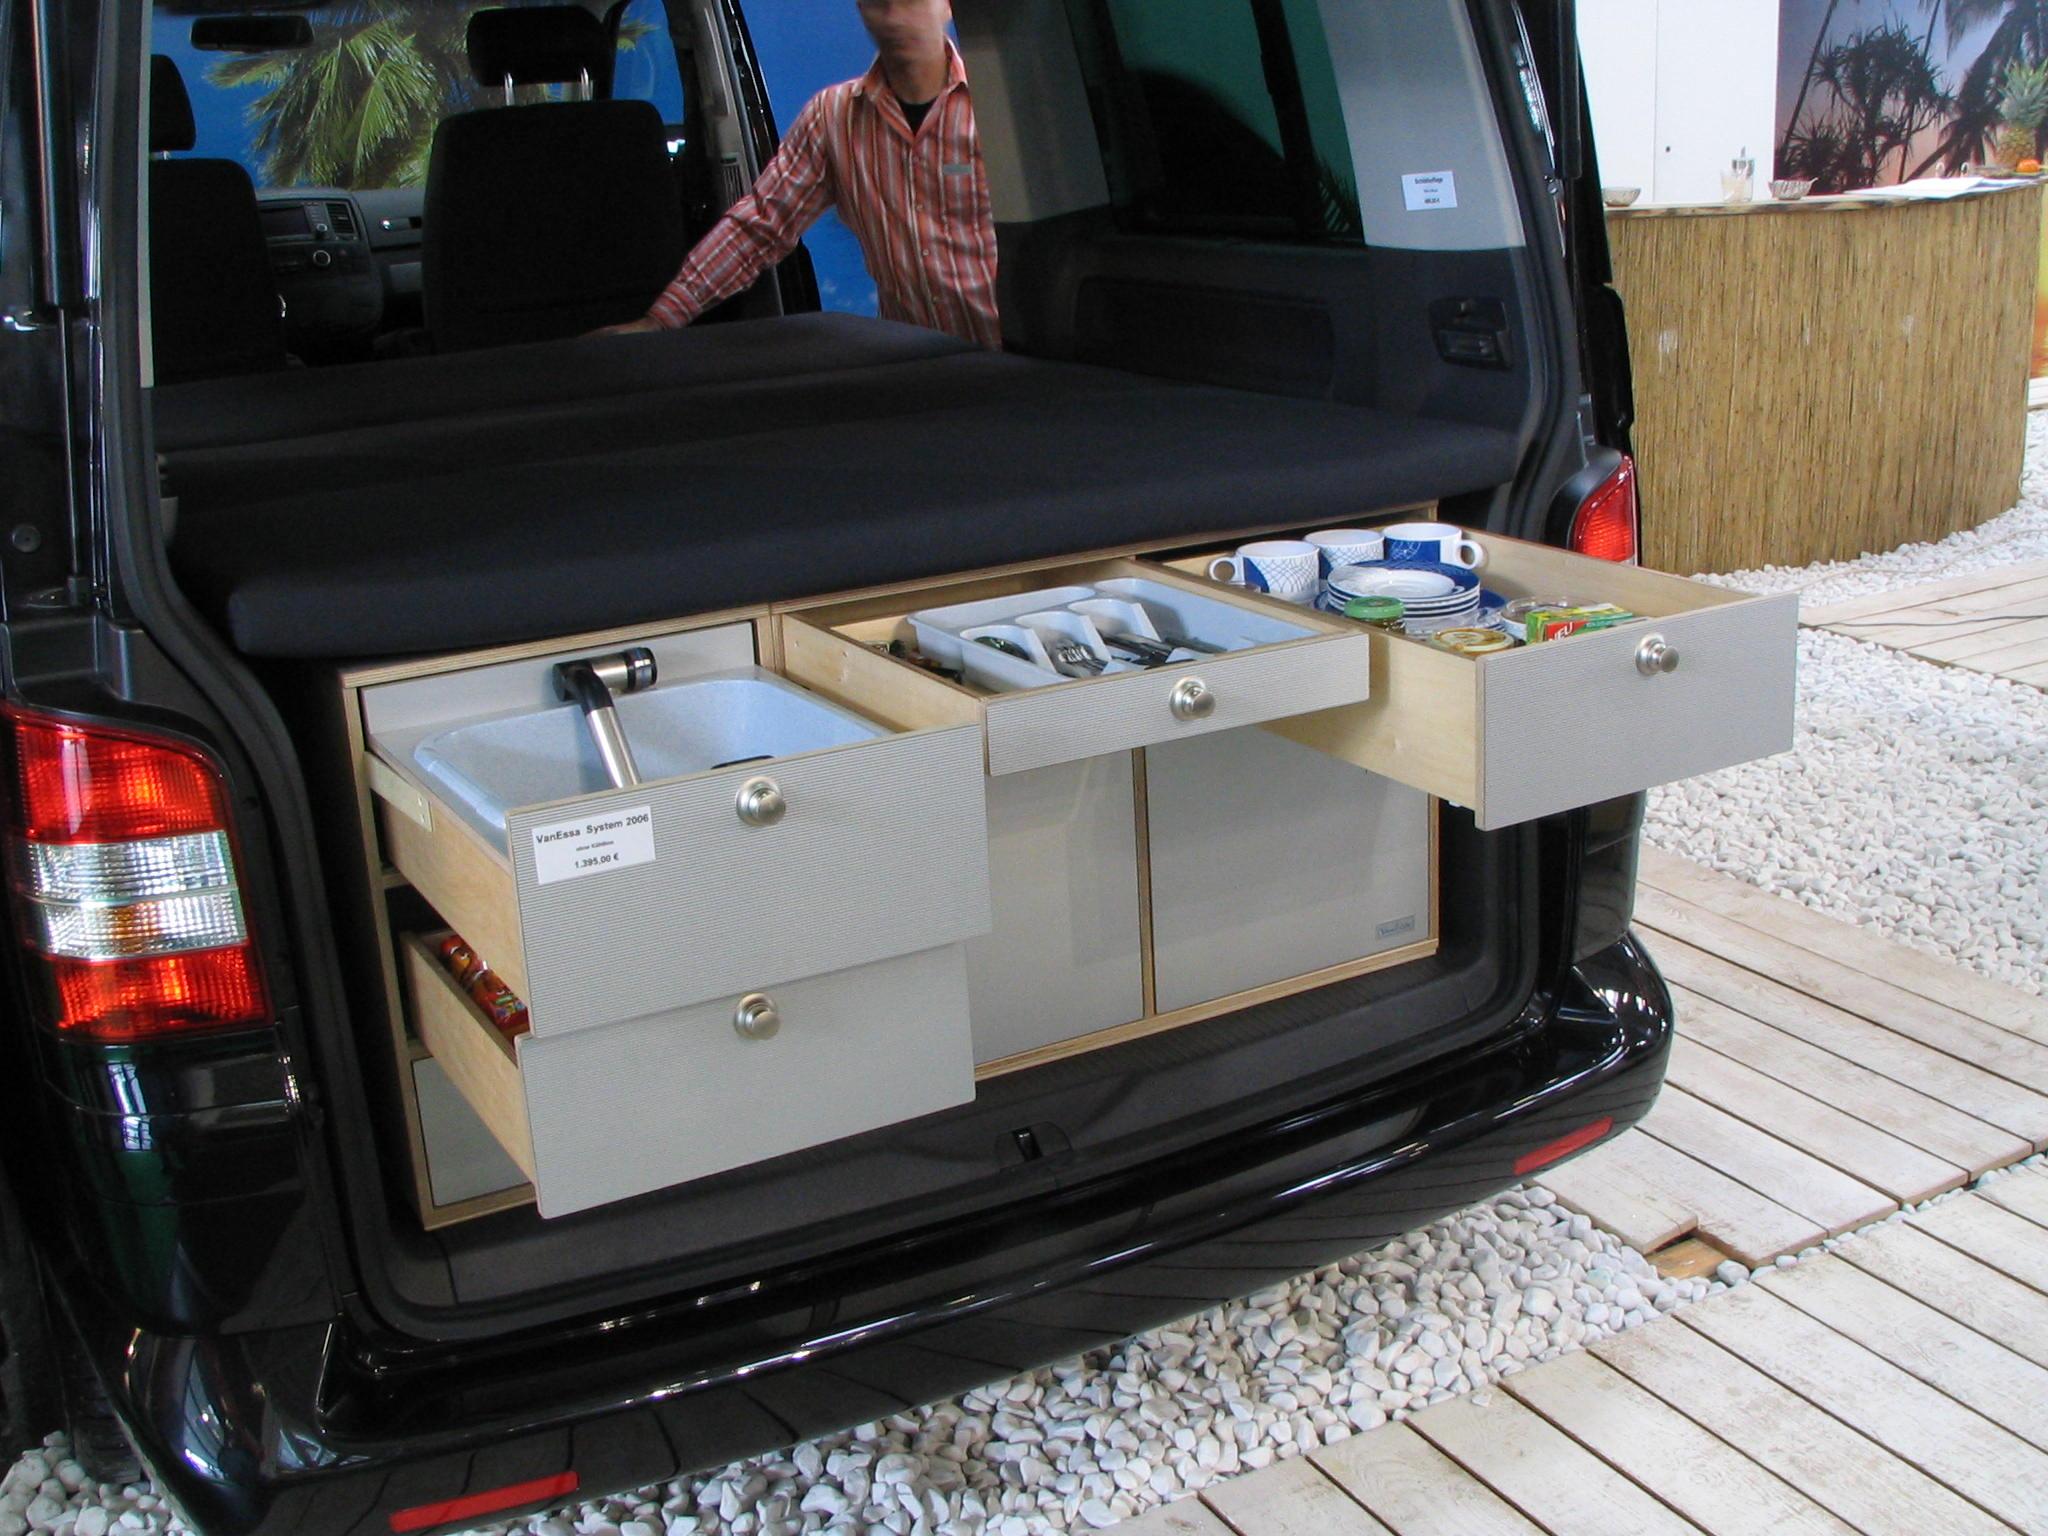 VW Camper Spüle und GeschirrIn der oberen Reihe von Schubladen ist ...